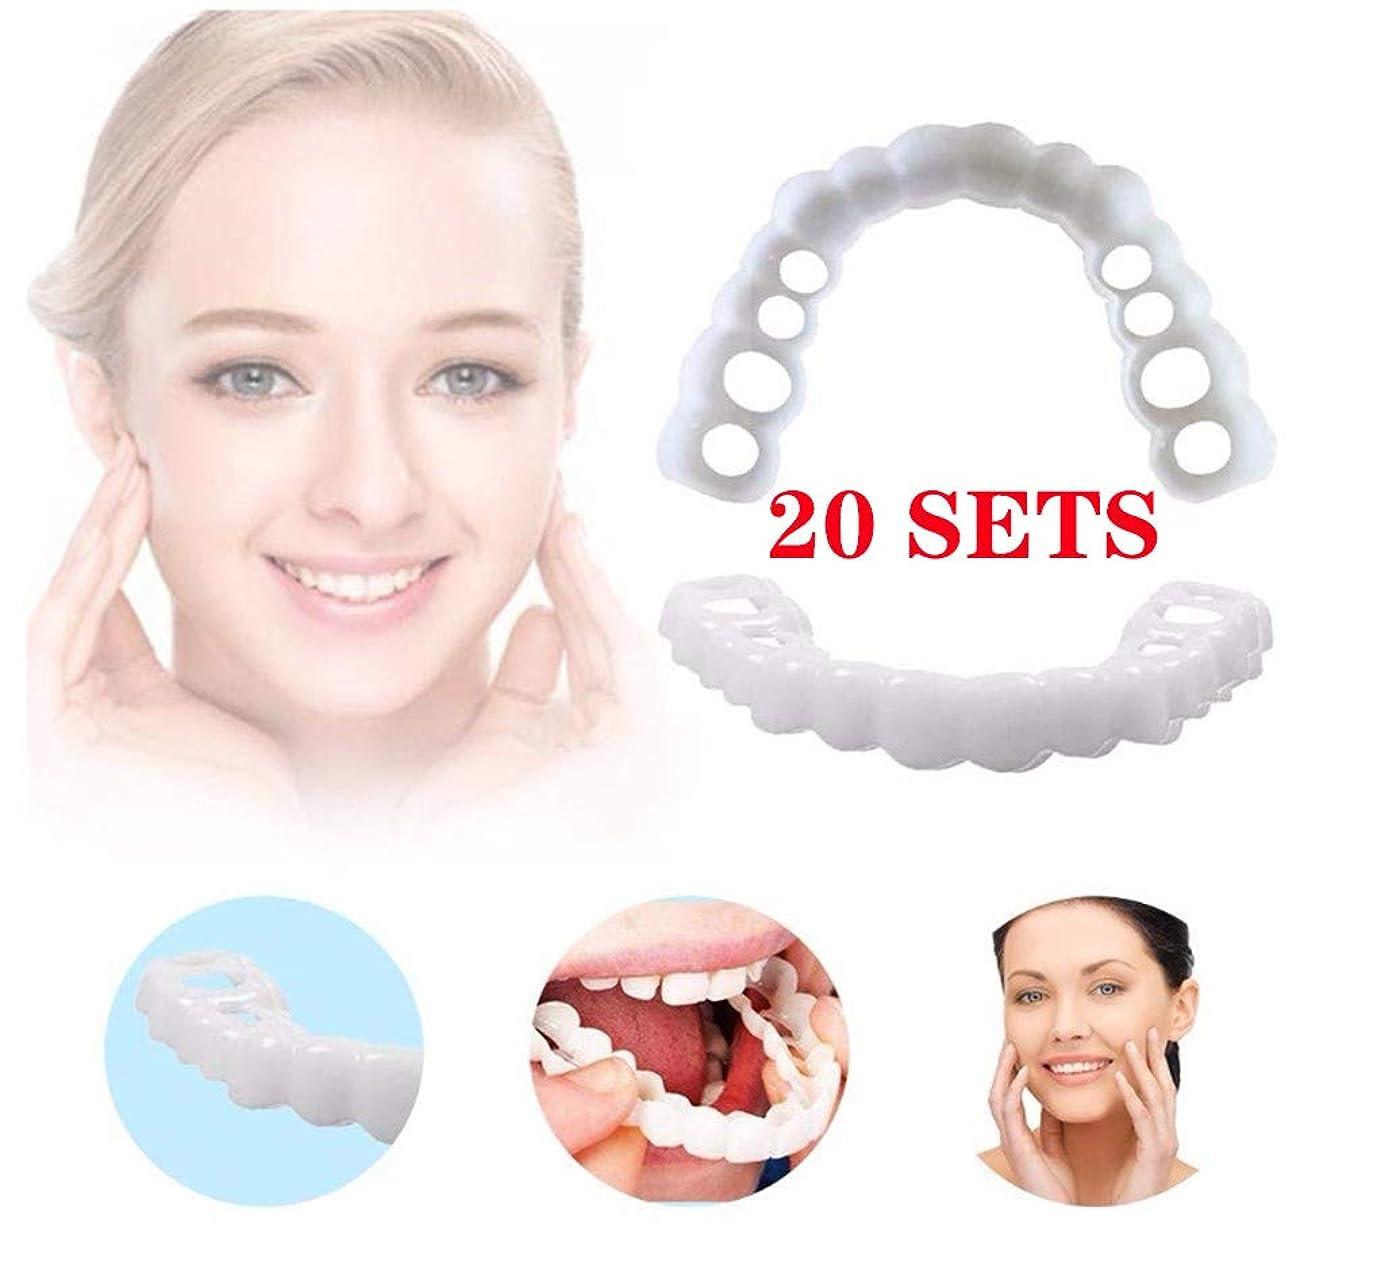 疑問を超えて塊モチーフスーツを白くする第二世代のシリコーンのシミュレーションの歯科義歯の上下の歯のシミュレーションの支柱,3SETS